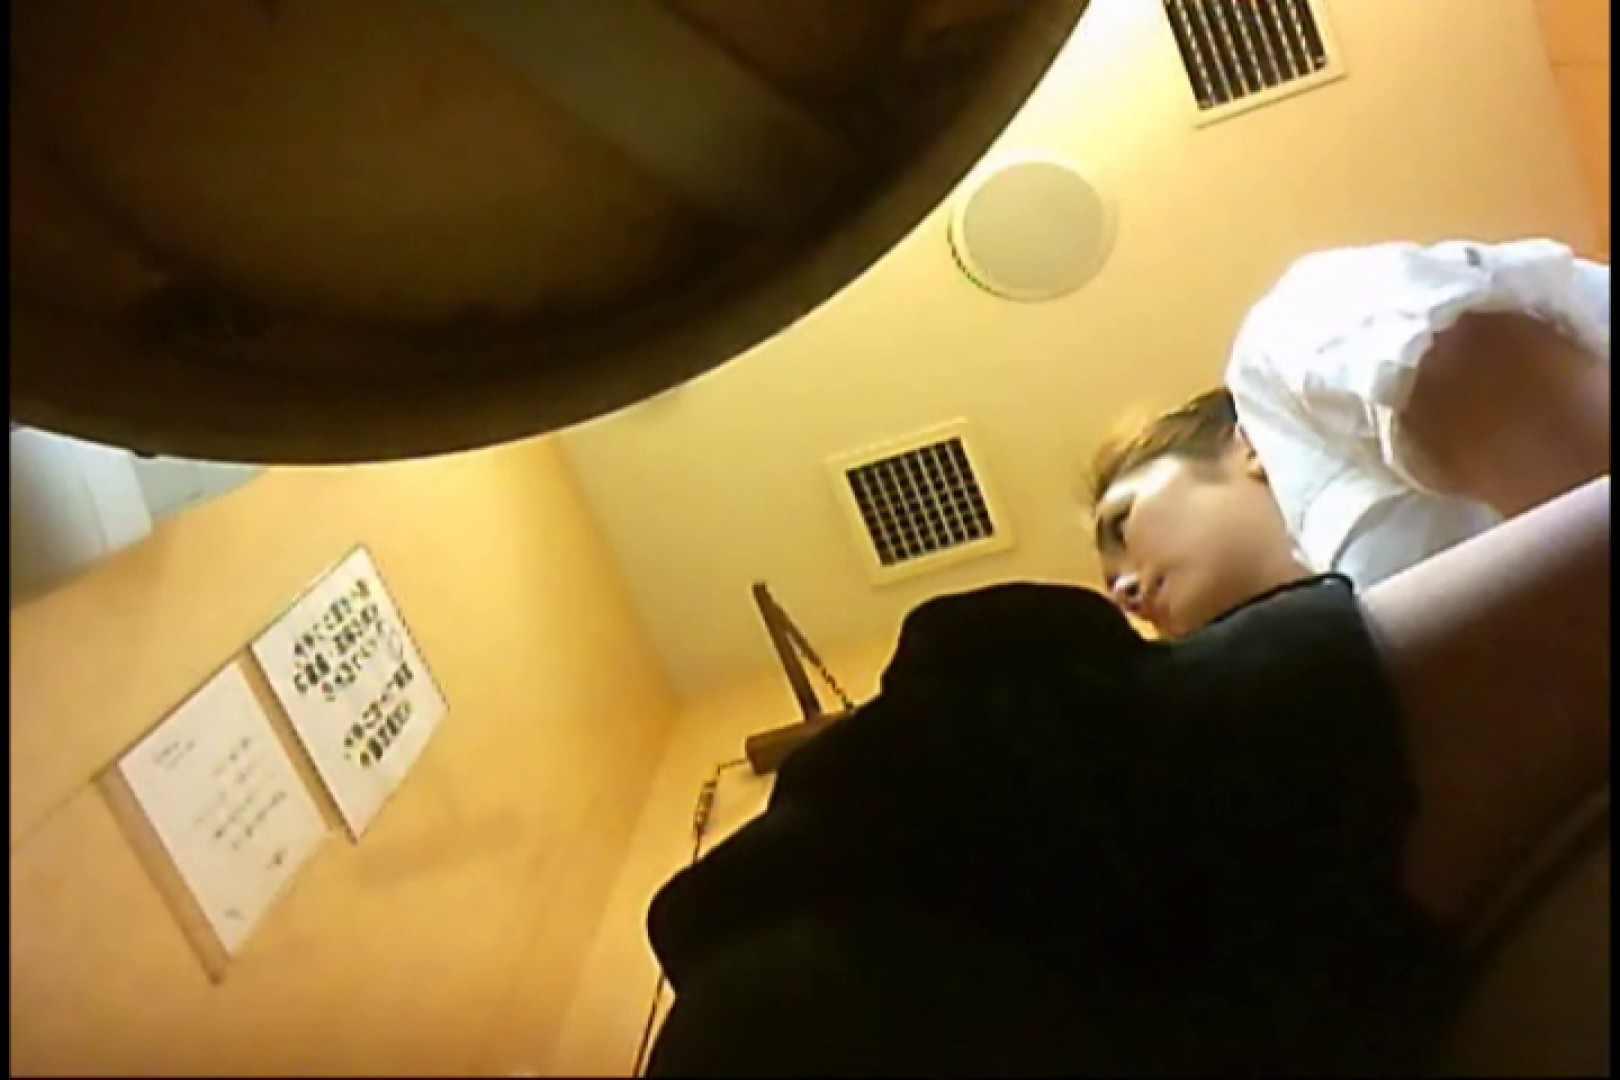 マダムが集まるデパートお手洗い Vol.31 お手洗い オメコ動画キャプチャ 91連発 11